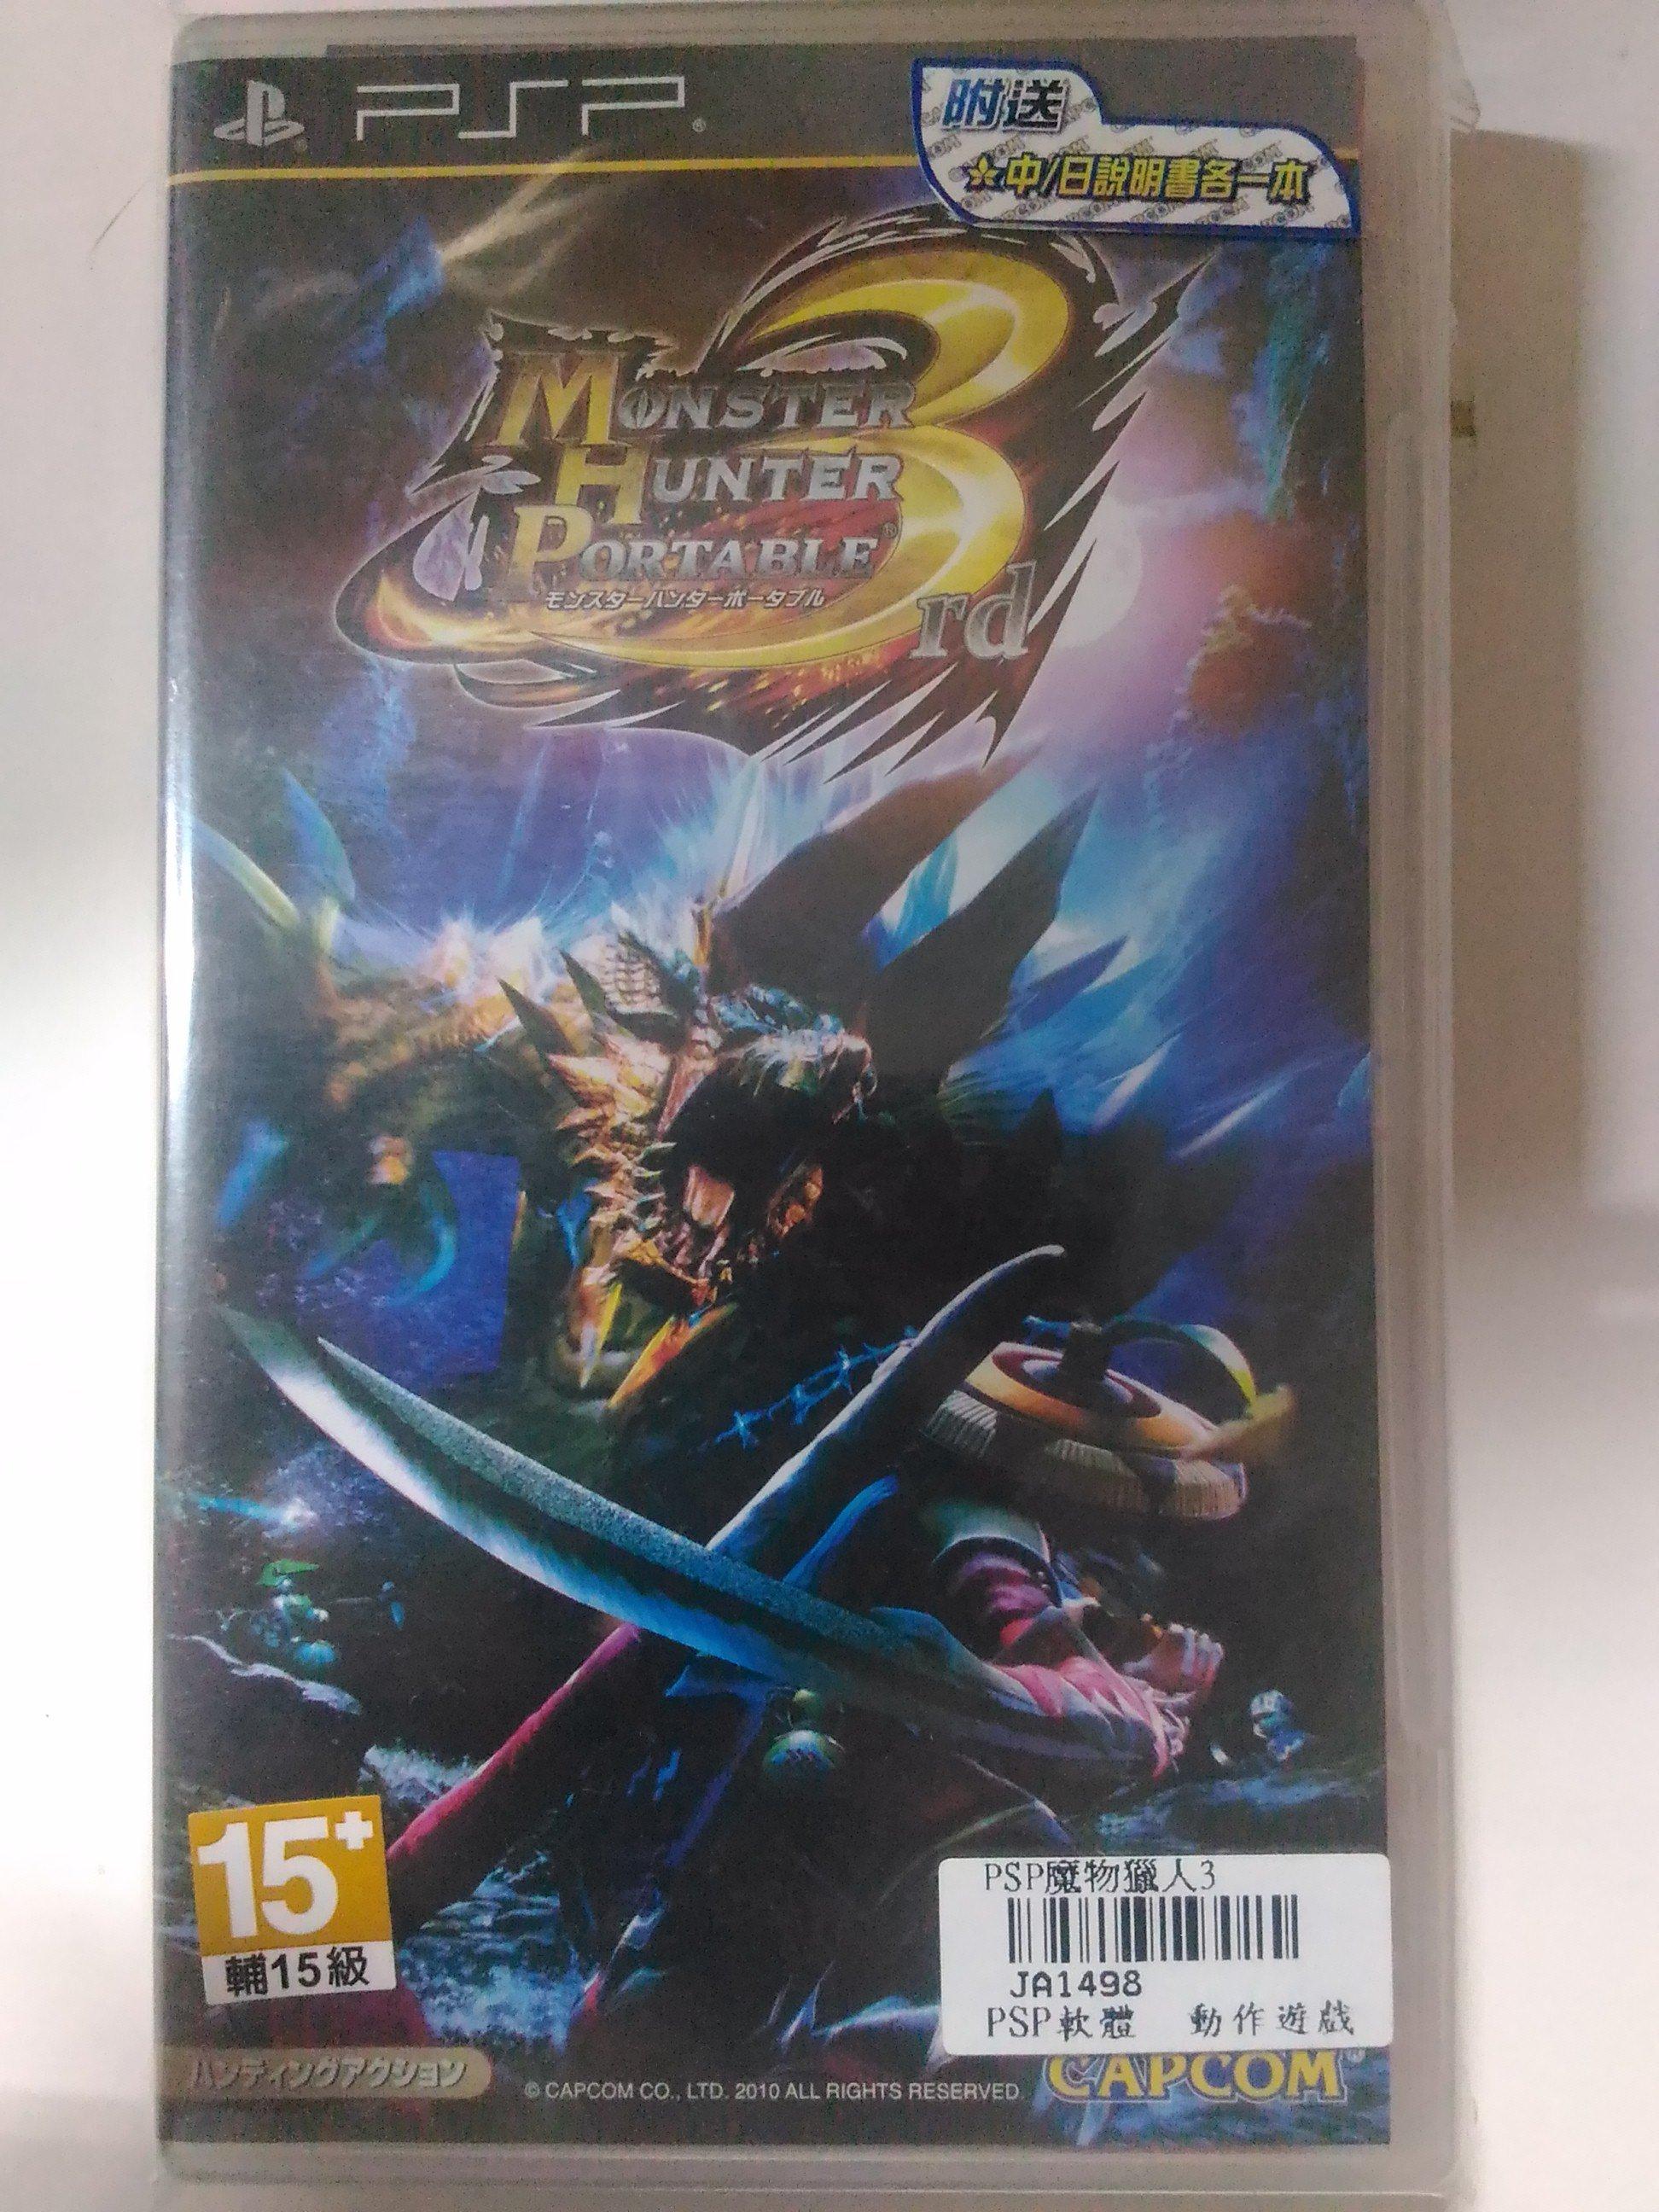 全新未拆封~有現貨 PSP 魔物獵人 攜帶版 3rd 亞初版日文版 輔15級